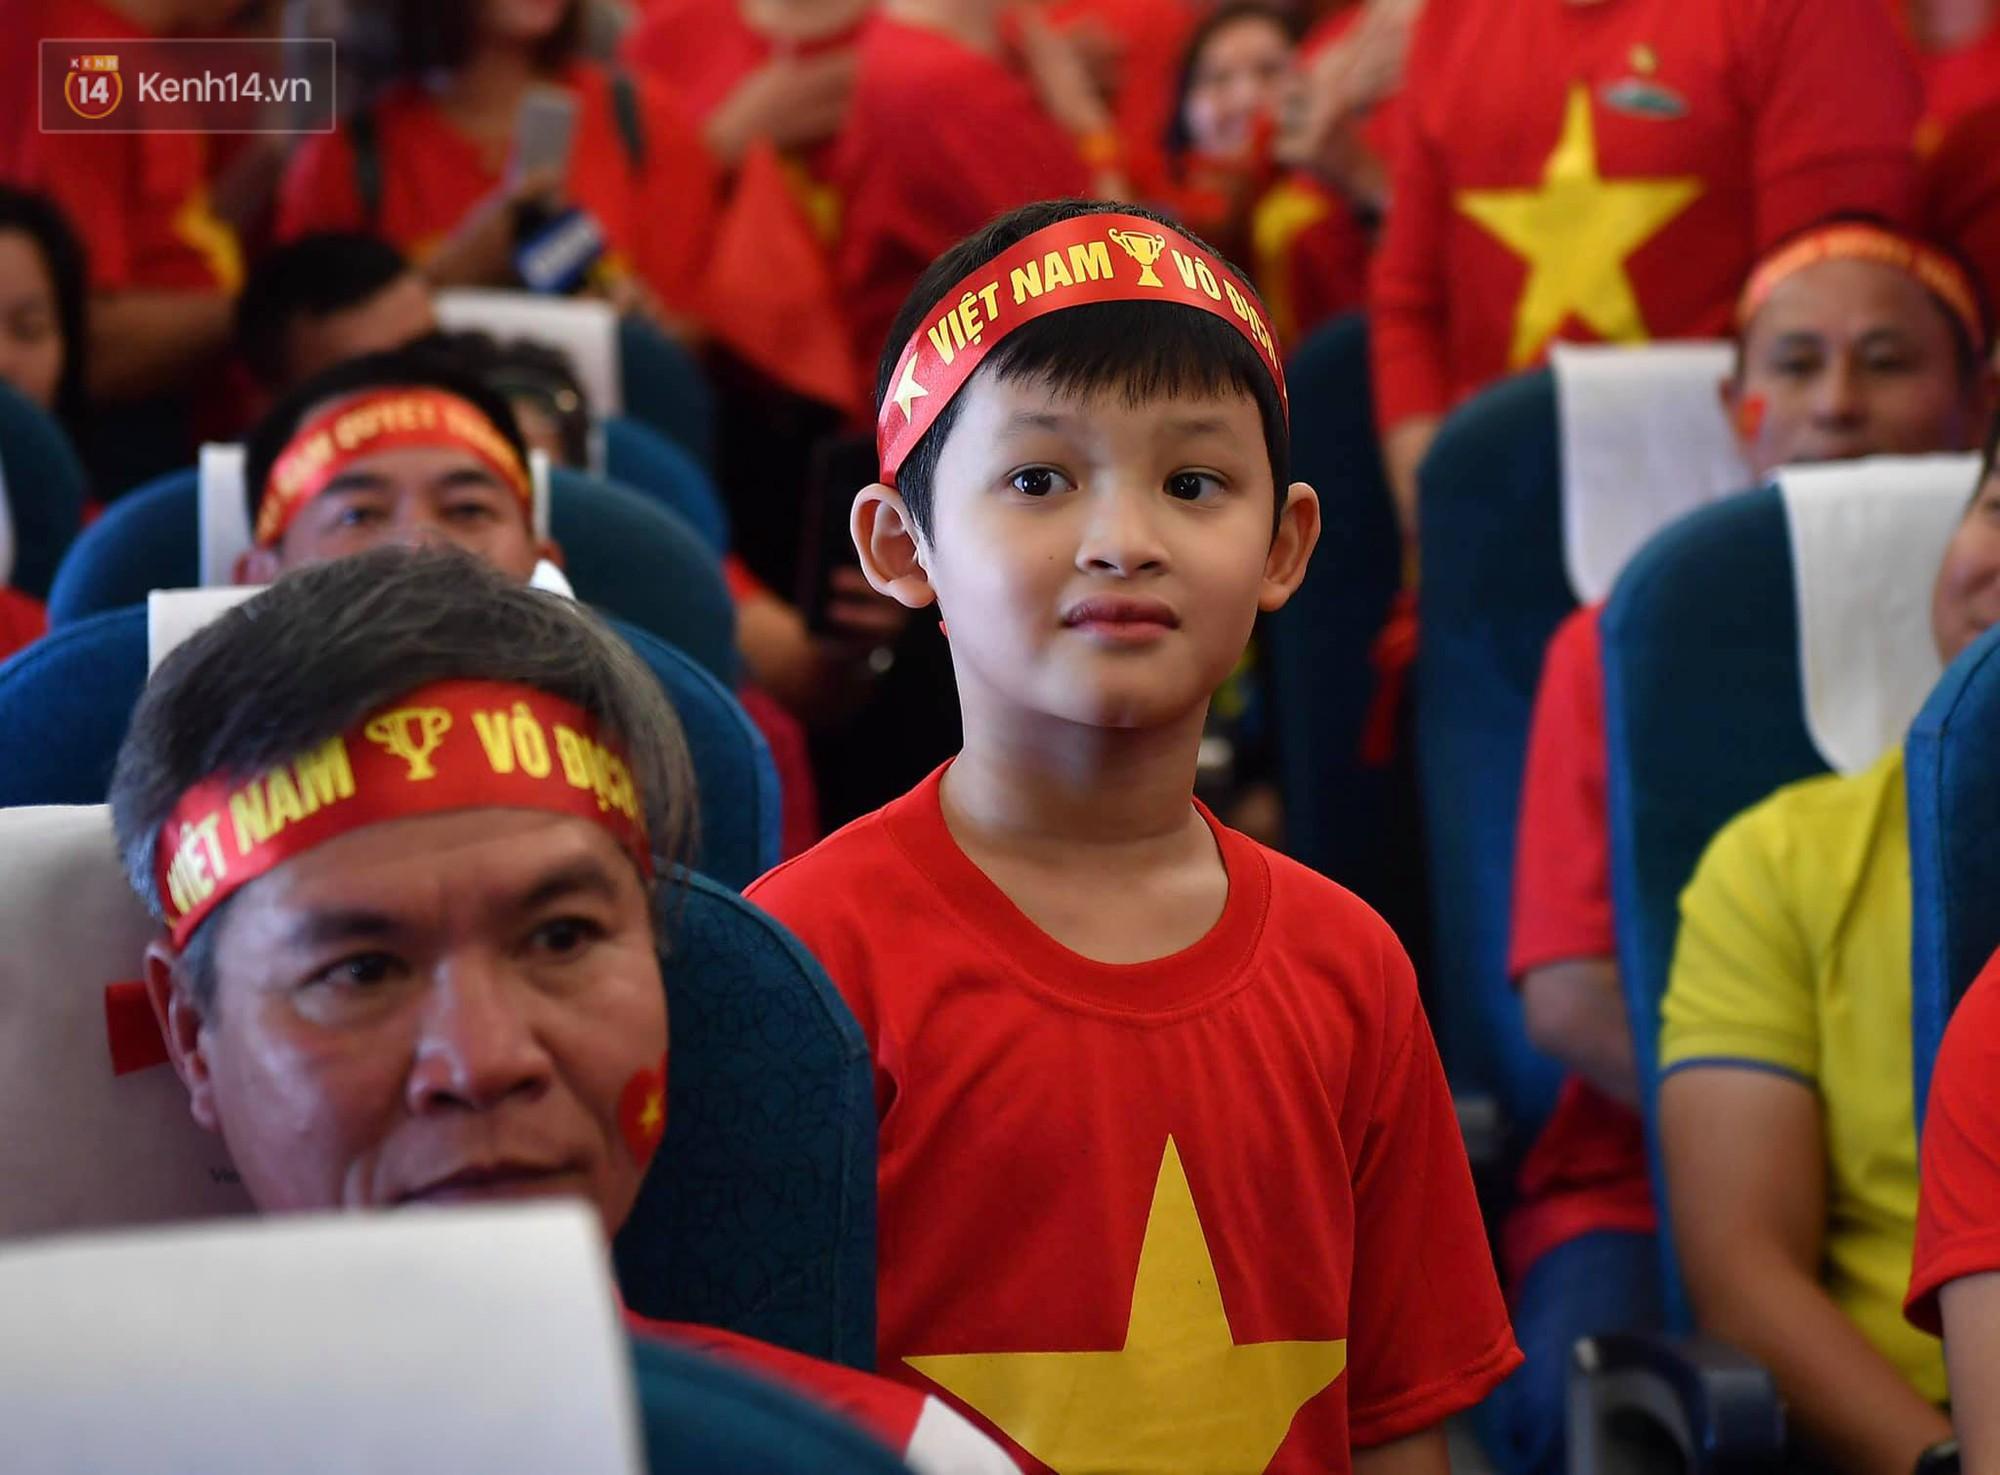 CĐV Việt Nam cùng nhau hát Quốc ca ở độ cao 10.000m, hết mình cổ vũ cho ĐT nước nhà trong trận chung kết AFF Cup 2018 - Ảnh 5